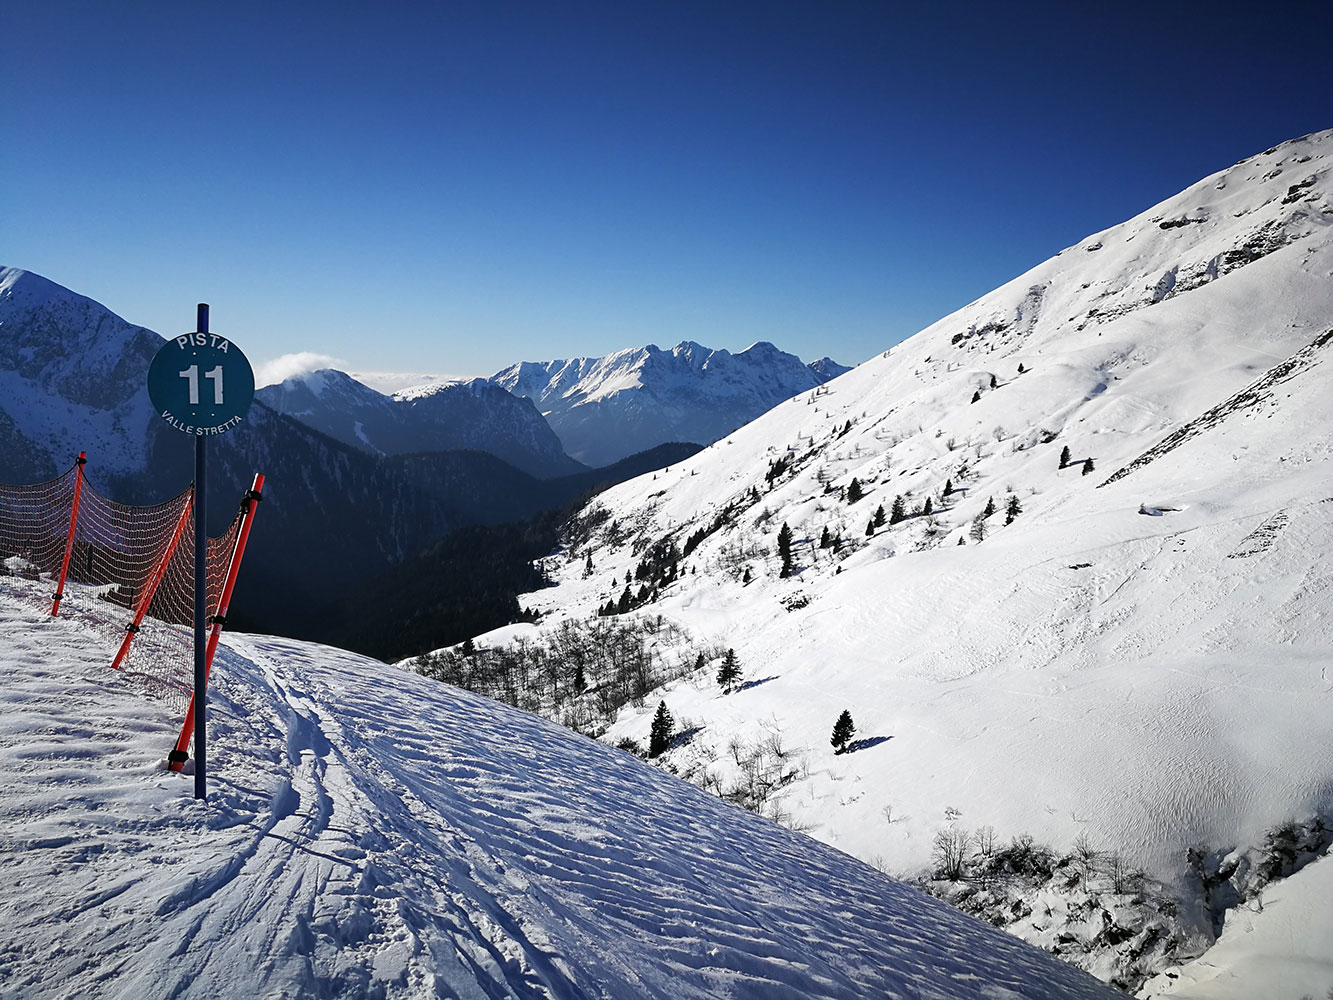 lizzola-piste-sci